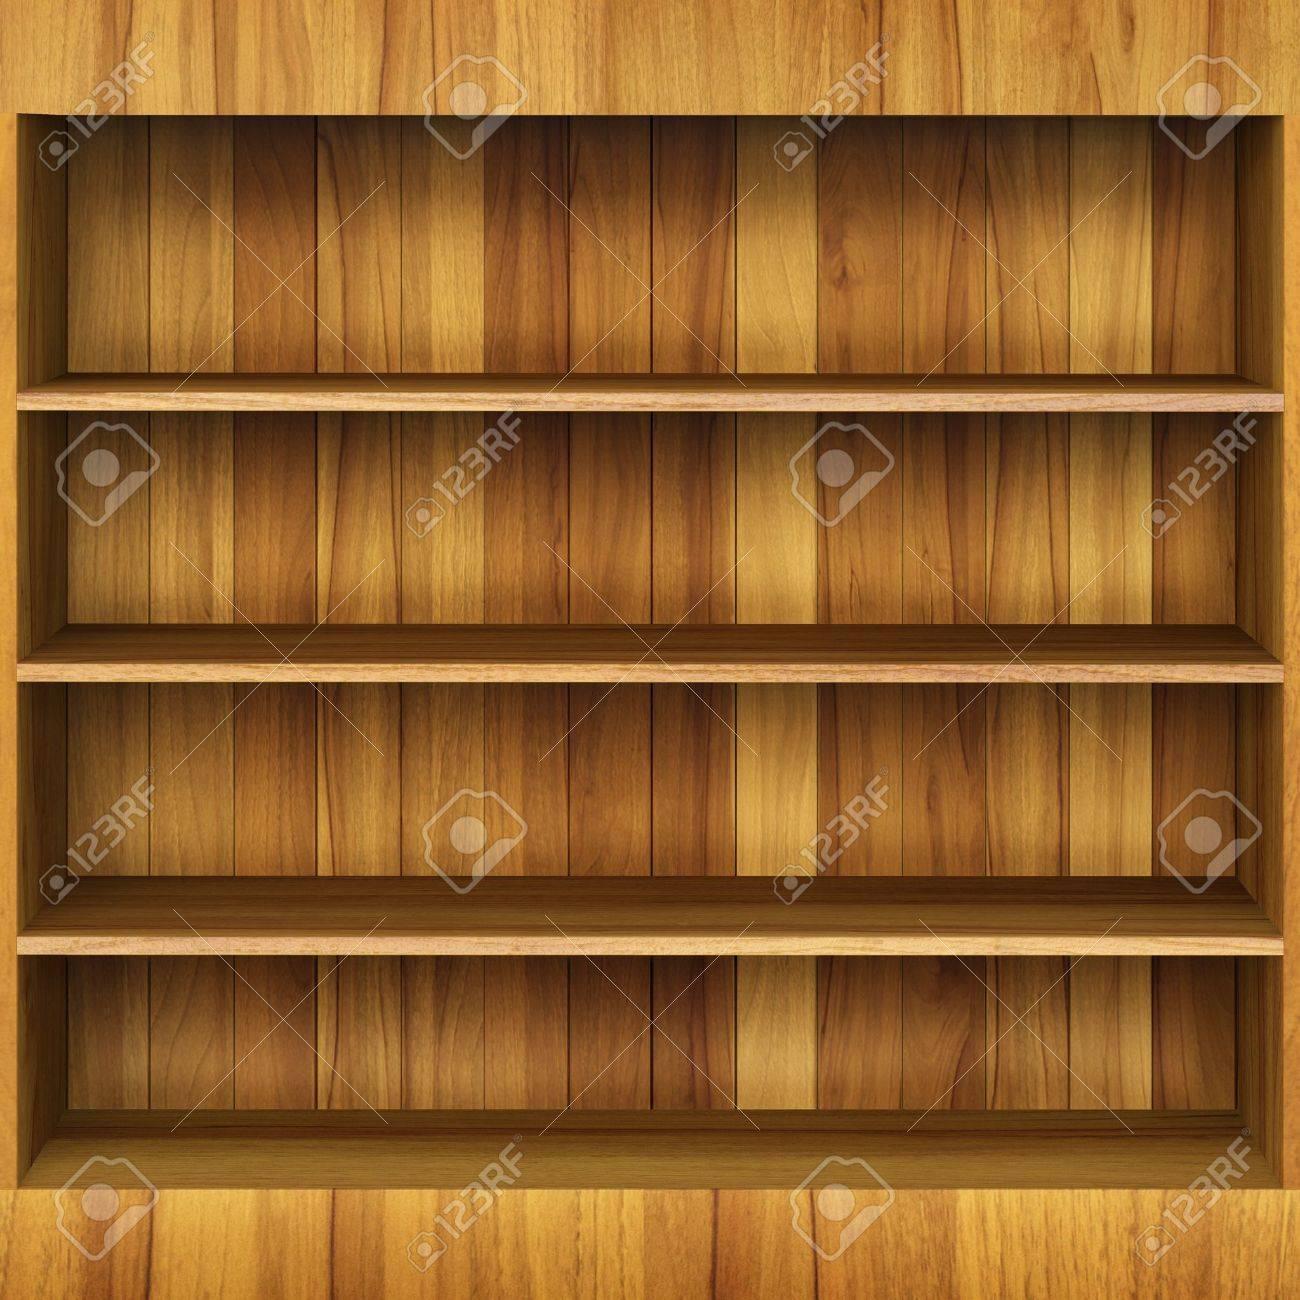 3d Wooden book Shelf Stock Photo - 11813585